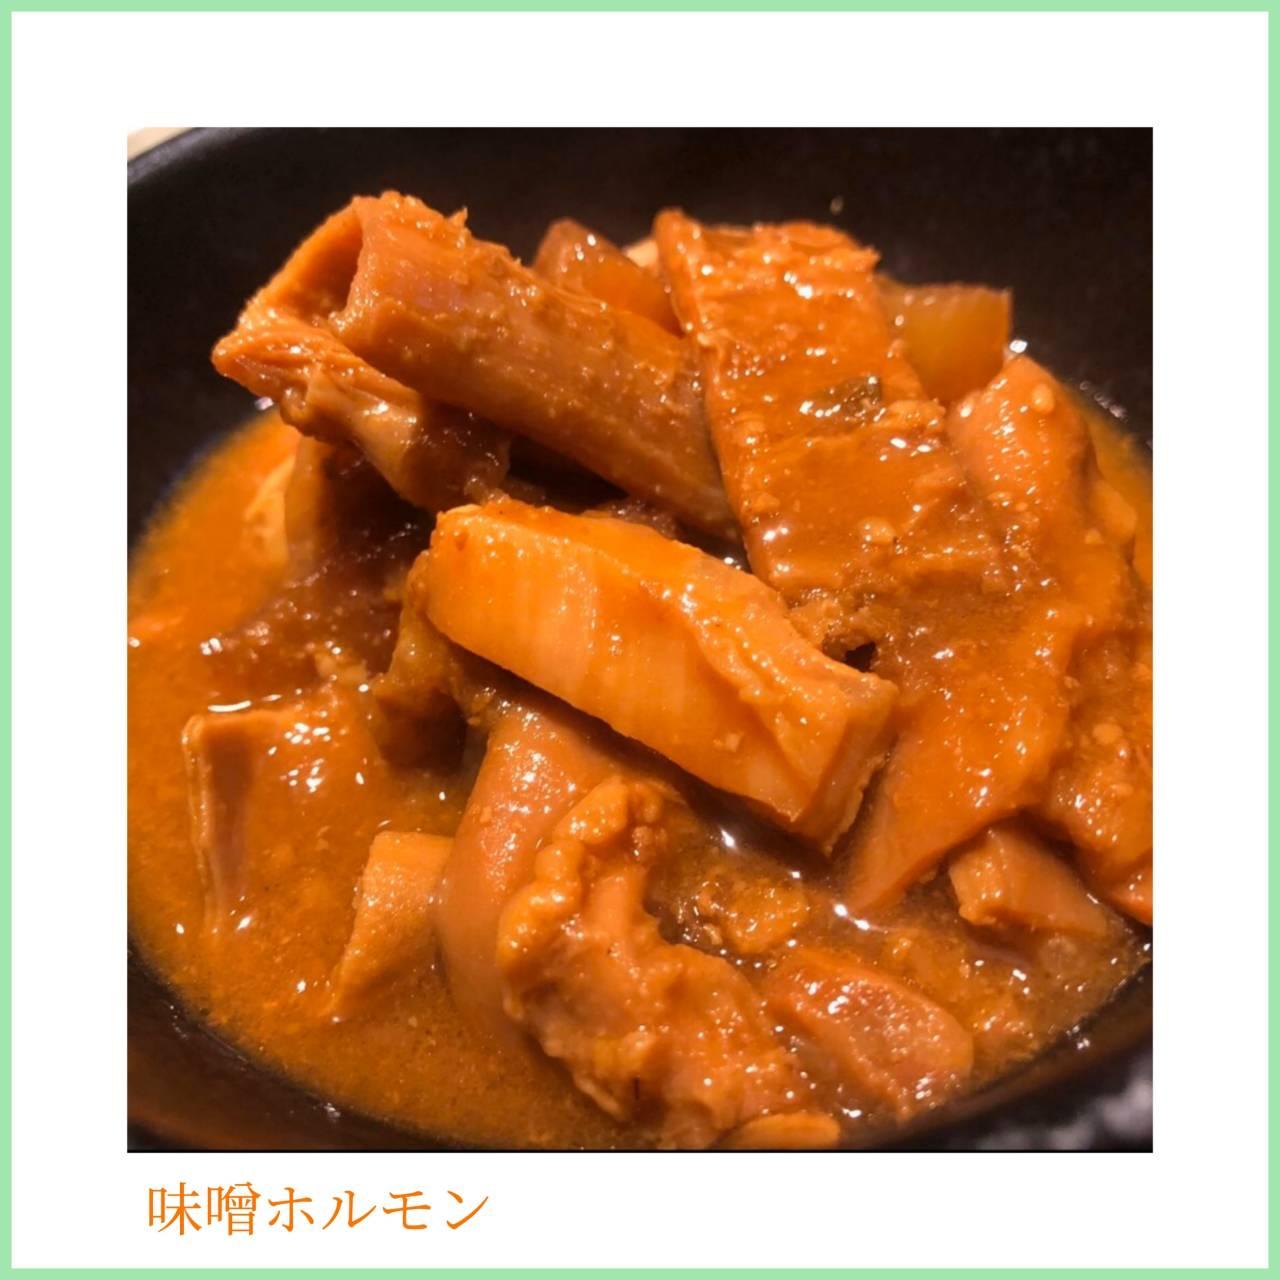 01_r_menu_item